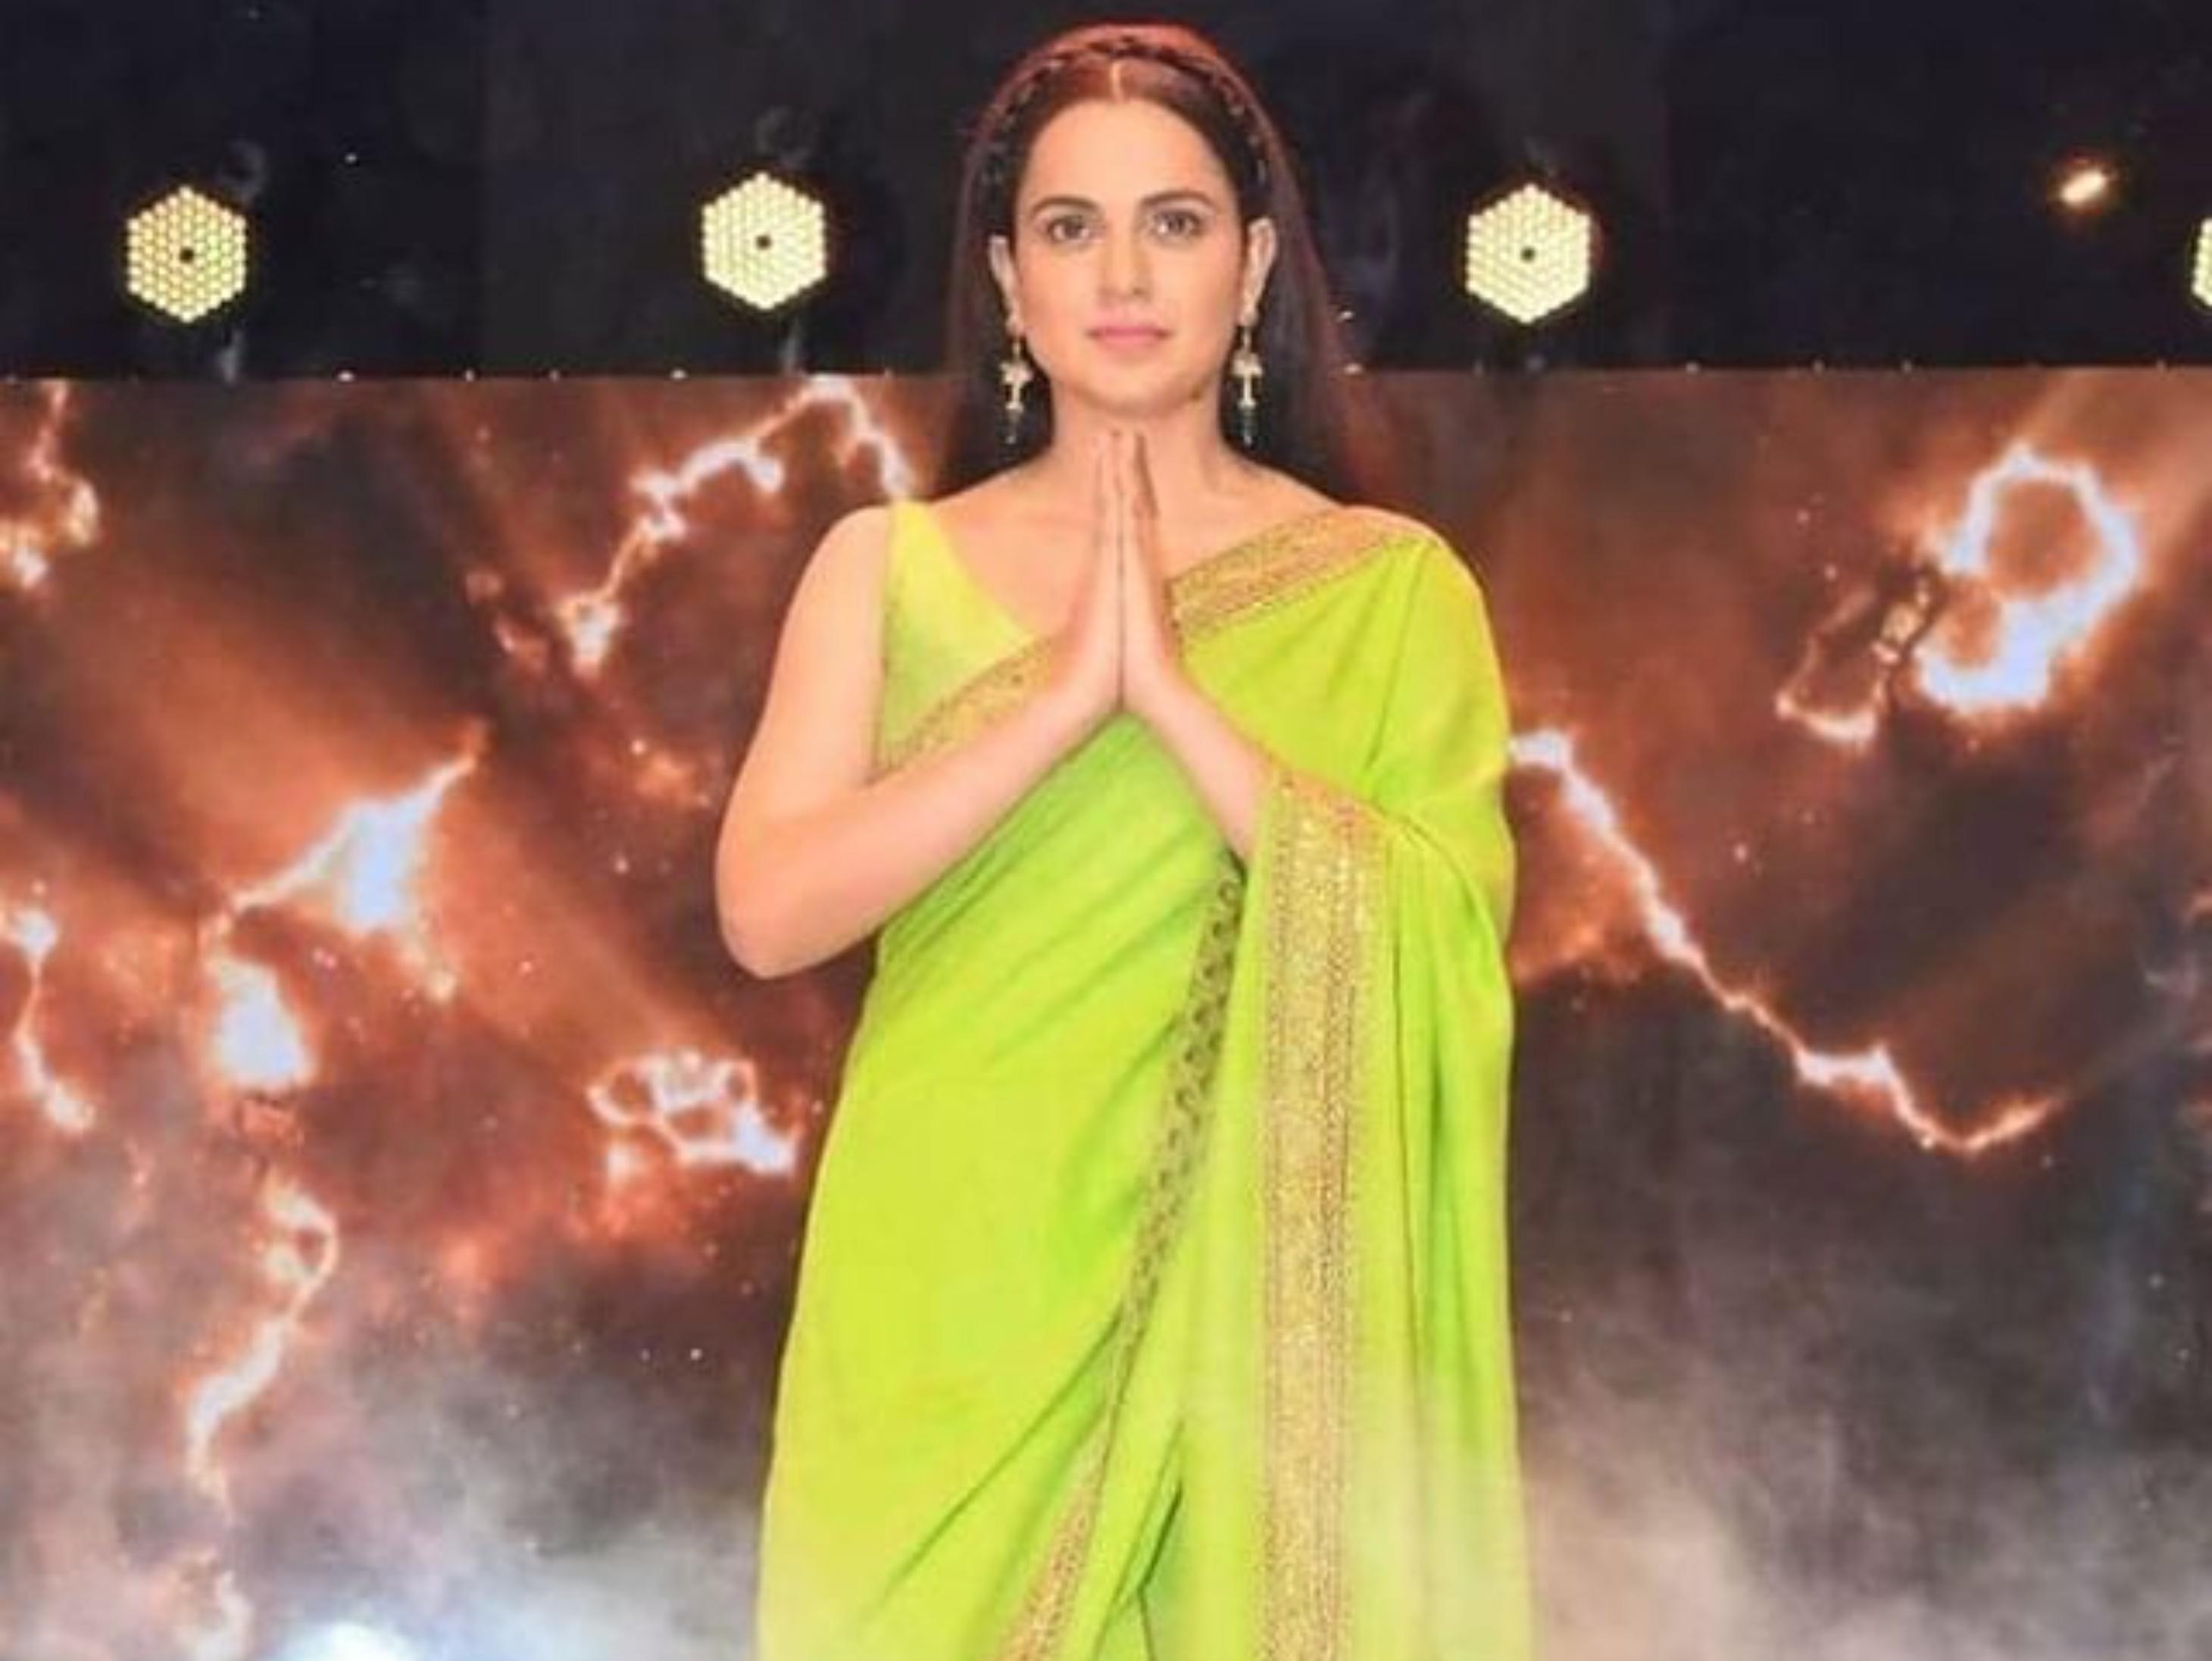 थलाइवी की रिलीज से पहले कंगना ने उद्धव सरकार से कहा- सिनेमा हॉल खोलिए ताकि बेजान फिल्म इंडस्ट्री को बचाया जा सके|बॉलीवुड,Bollywood - Dainik Bhaskar